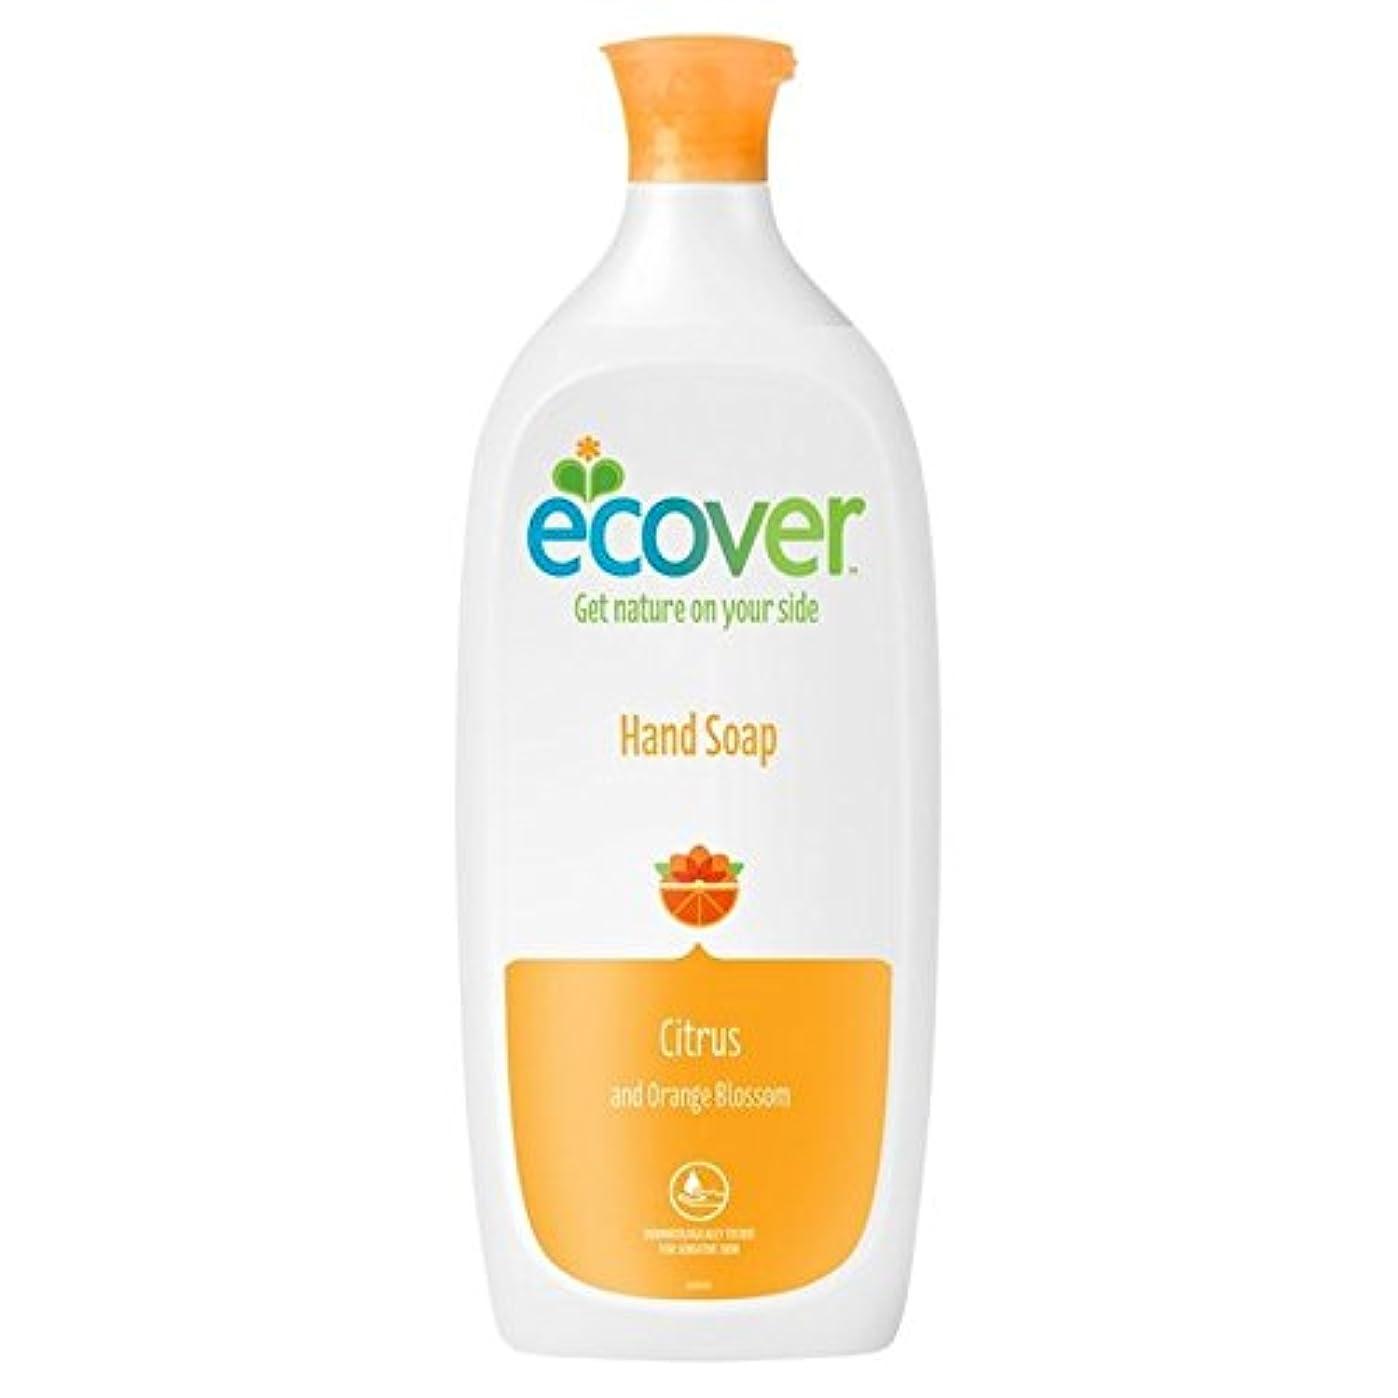 ブルームおっと彼らはEcover Liquid Soap Citrus & Orange Blossom Refill 1L - エコベール液体石鹸シトラス&オレンジの花のリフィル1リットル [並行輸入品]